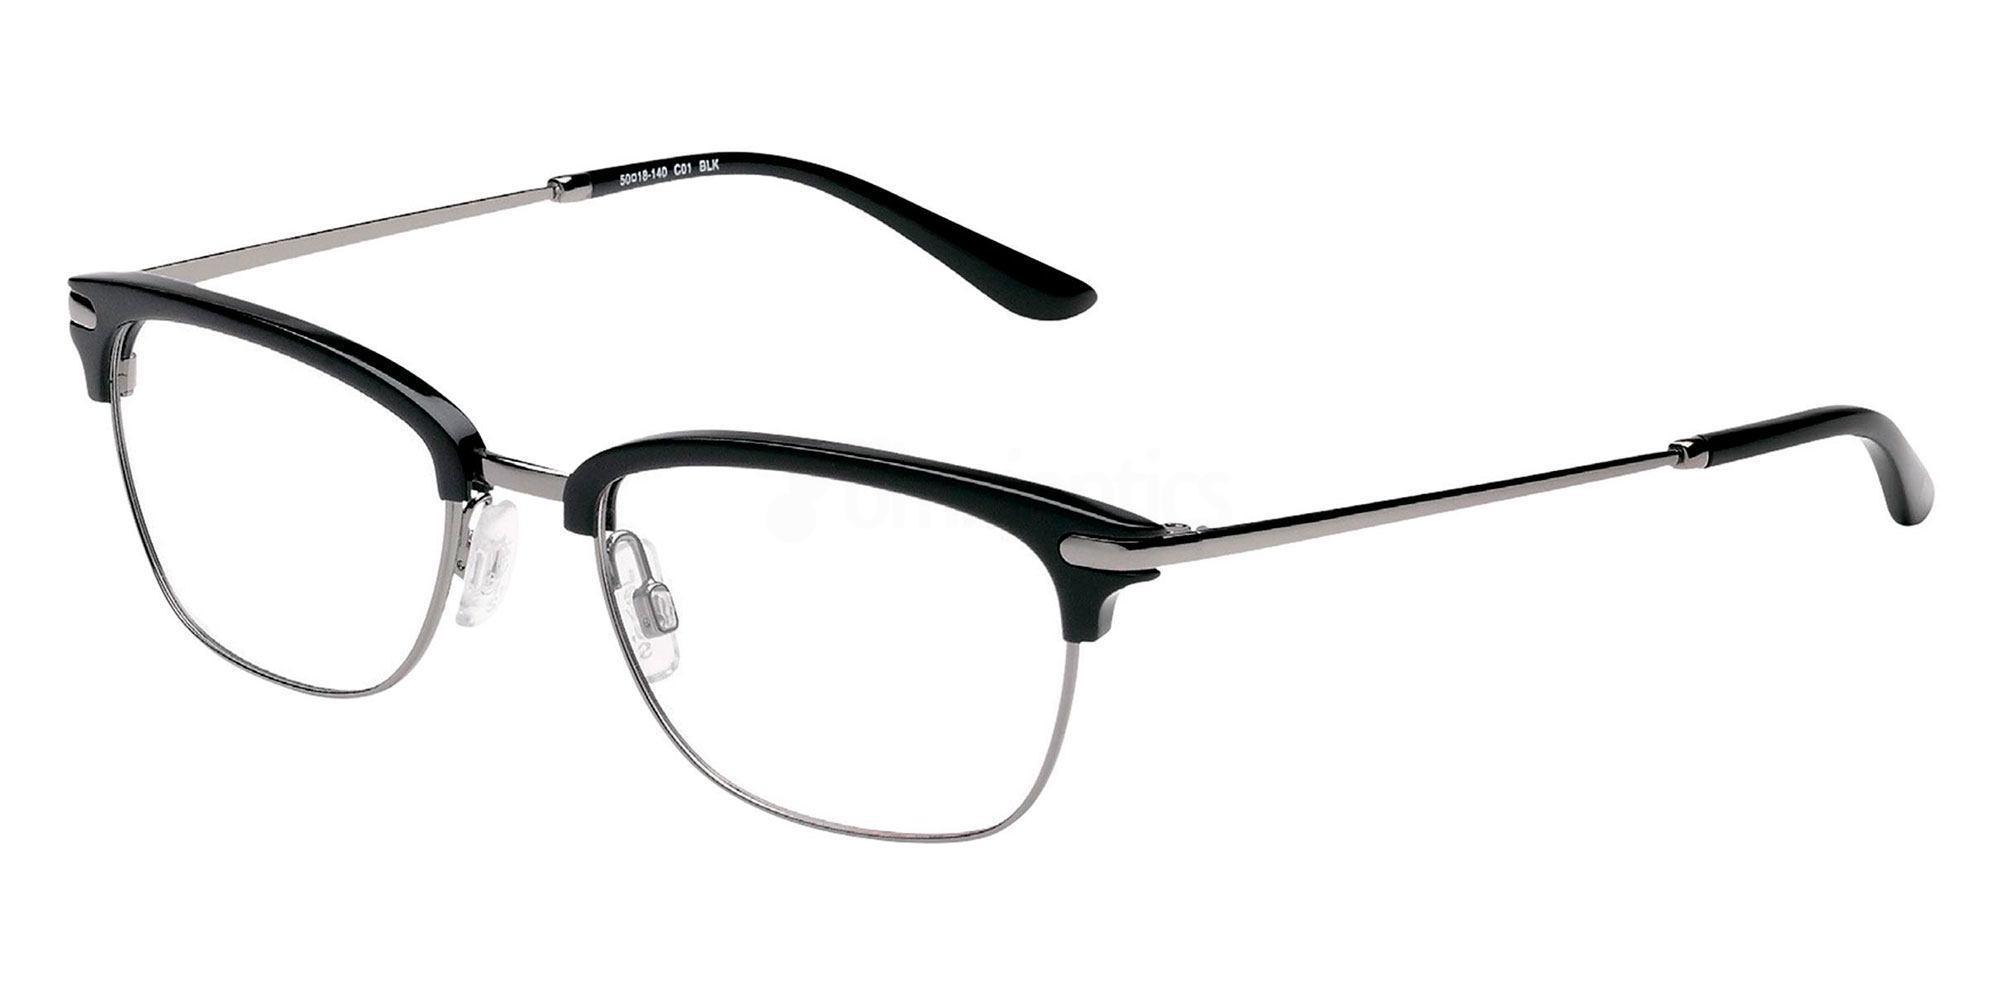 01 BLK LS112 , Levi's Eyewear